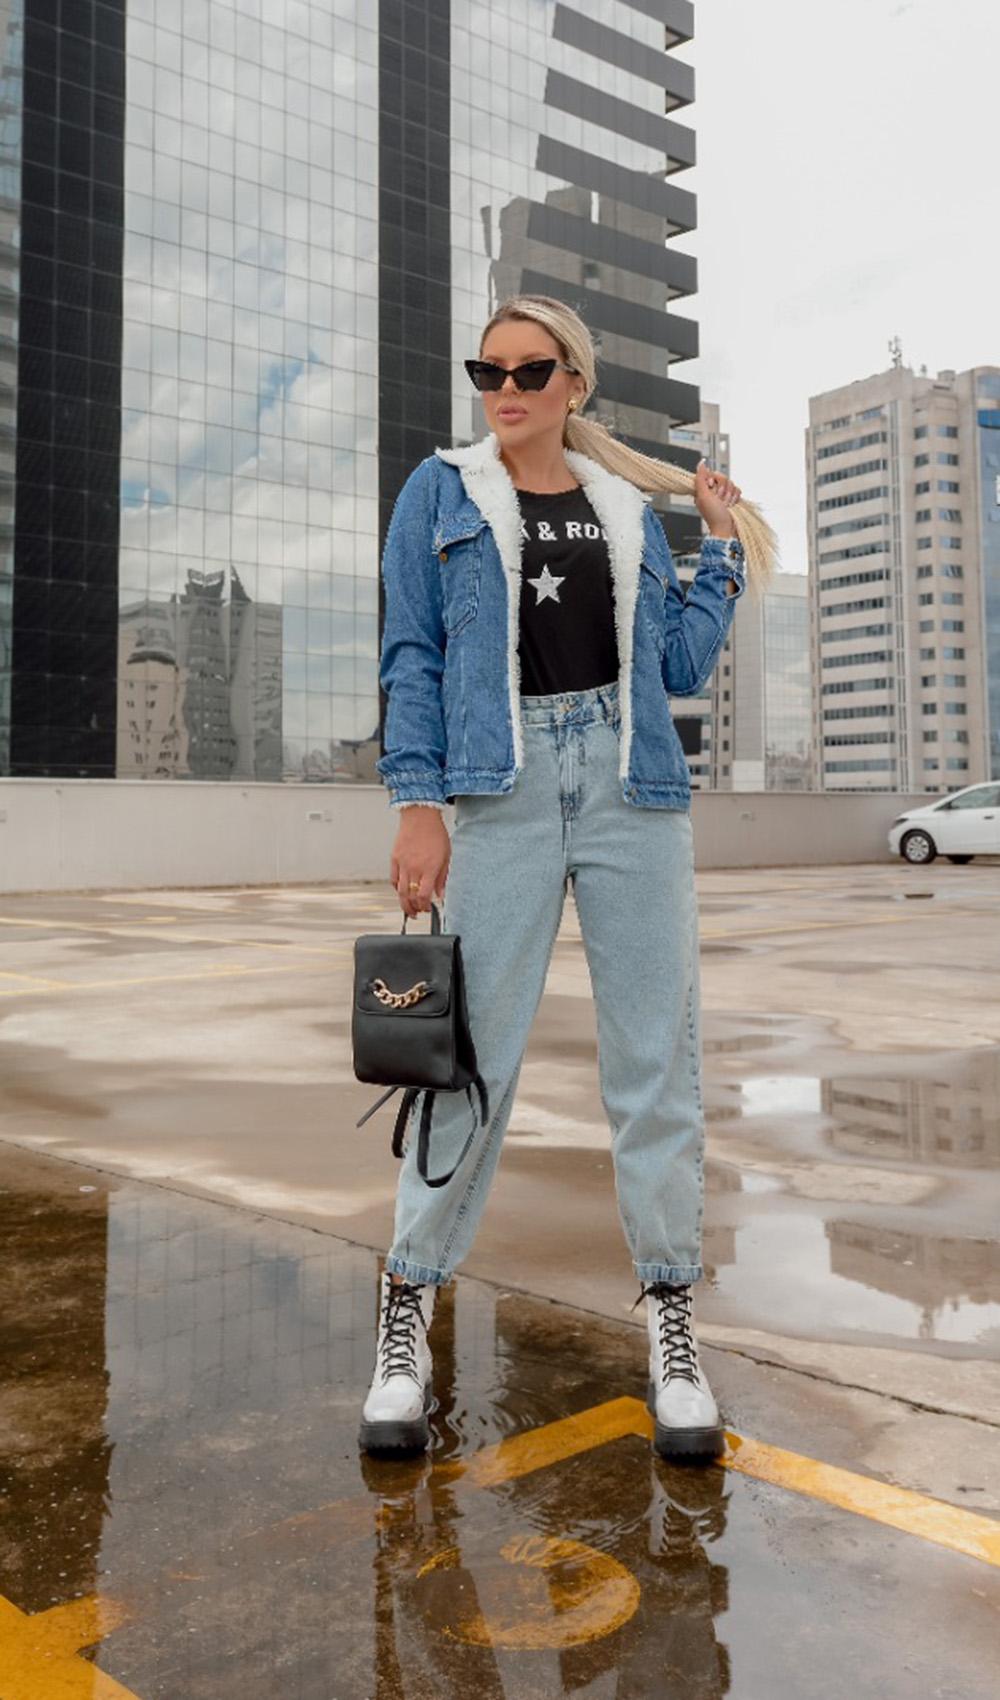 cores de inverno, t-shirt preta, look jeans com jeans